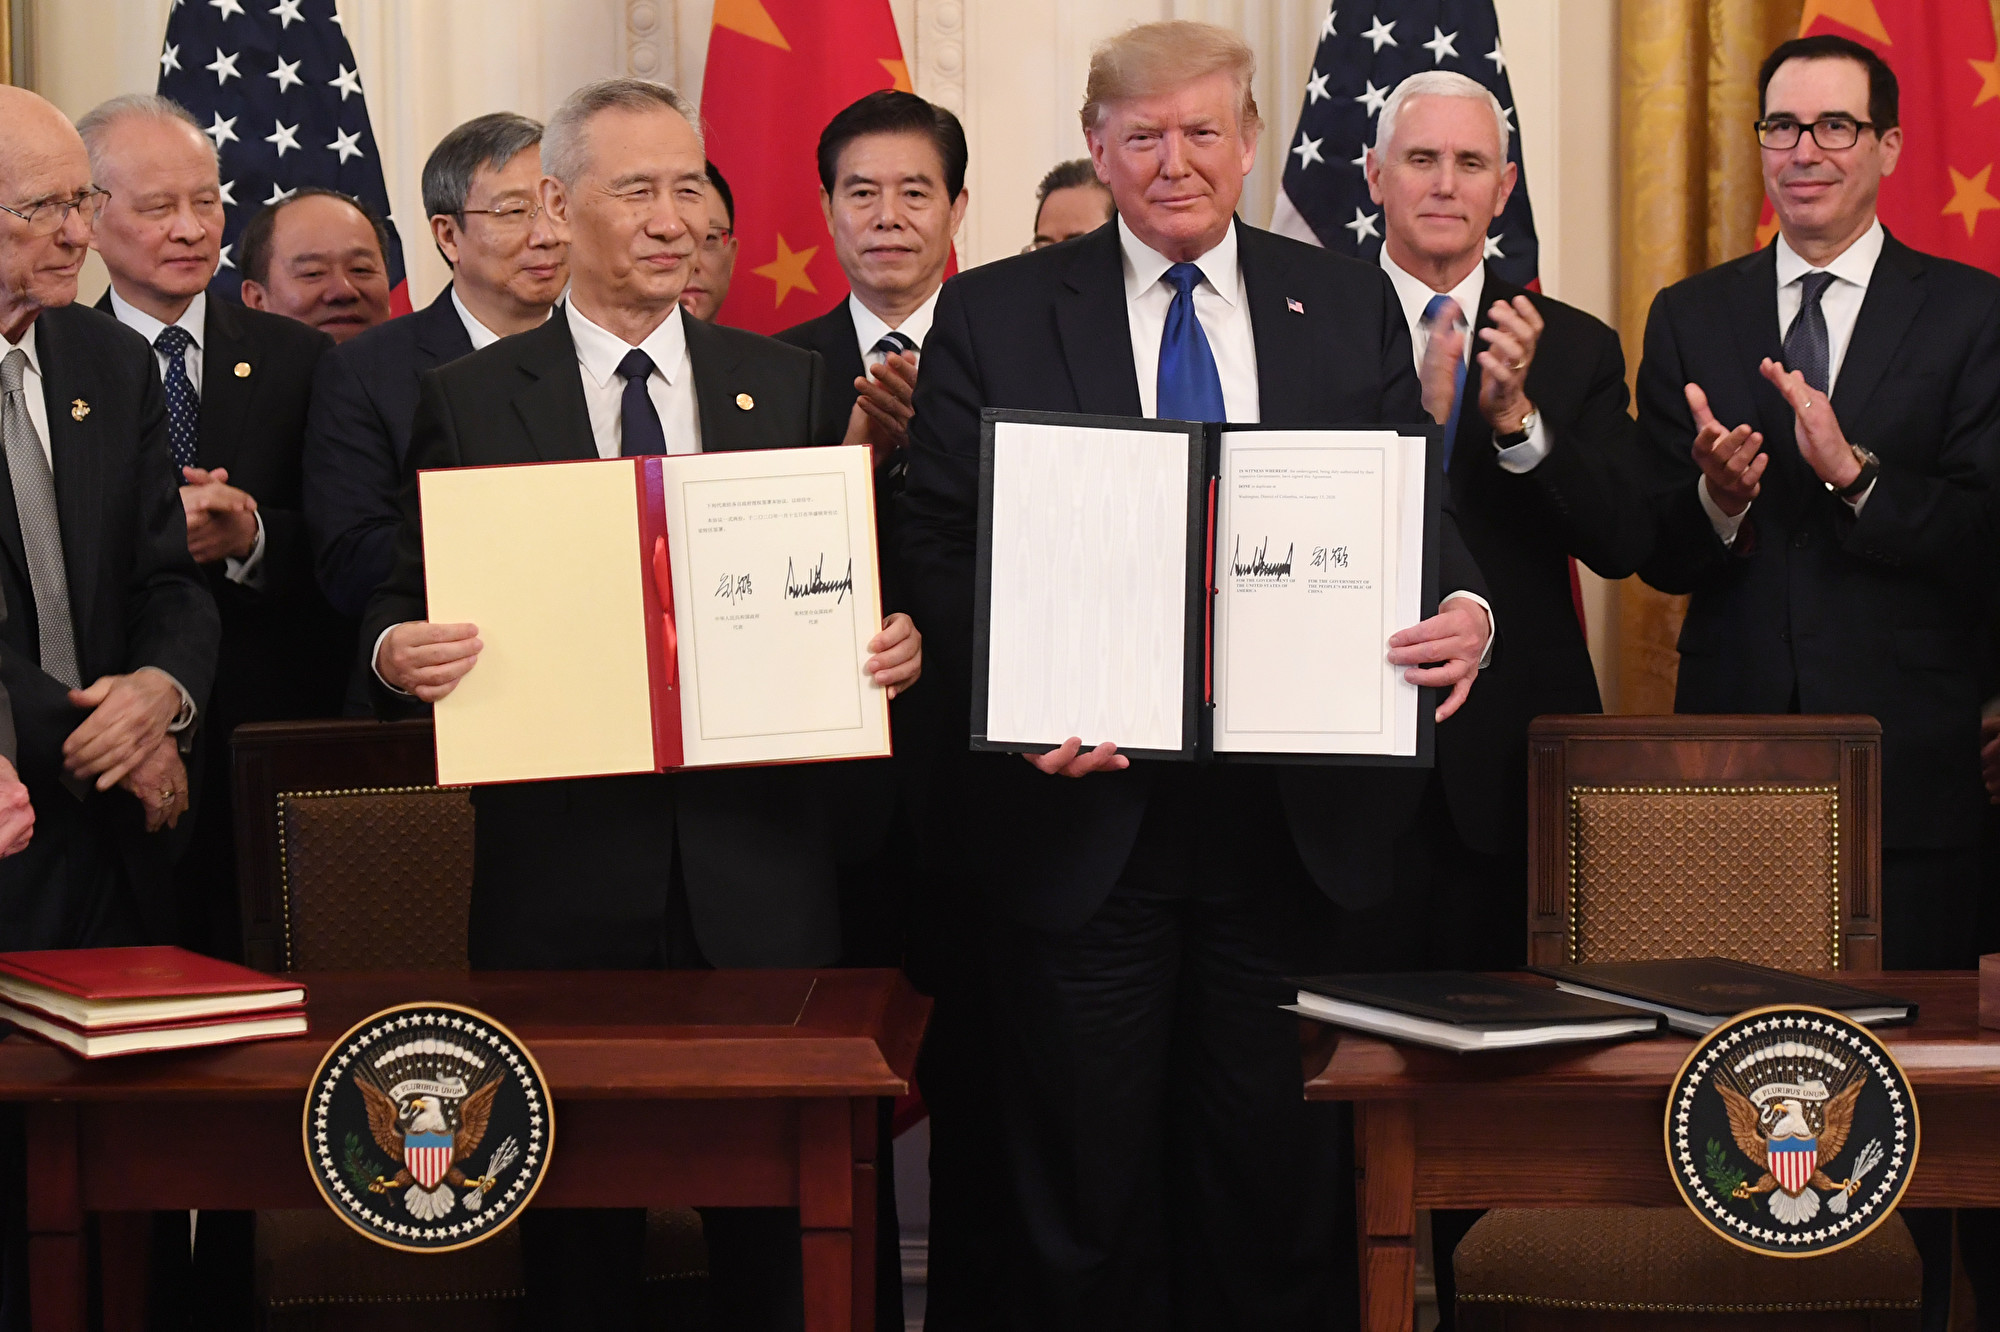 程曉農:中美經貿談判的「臨門一腳」與外國解讀